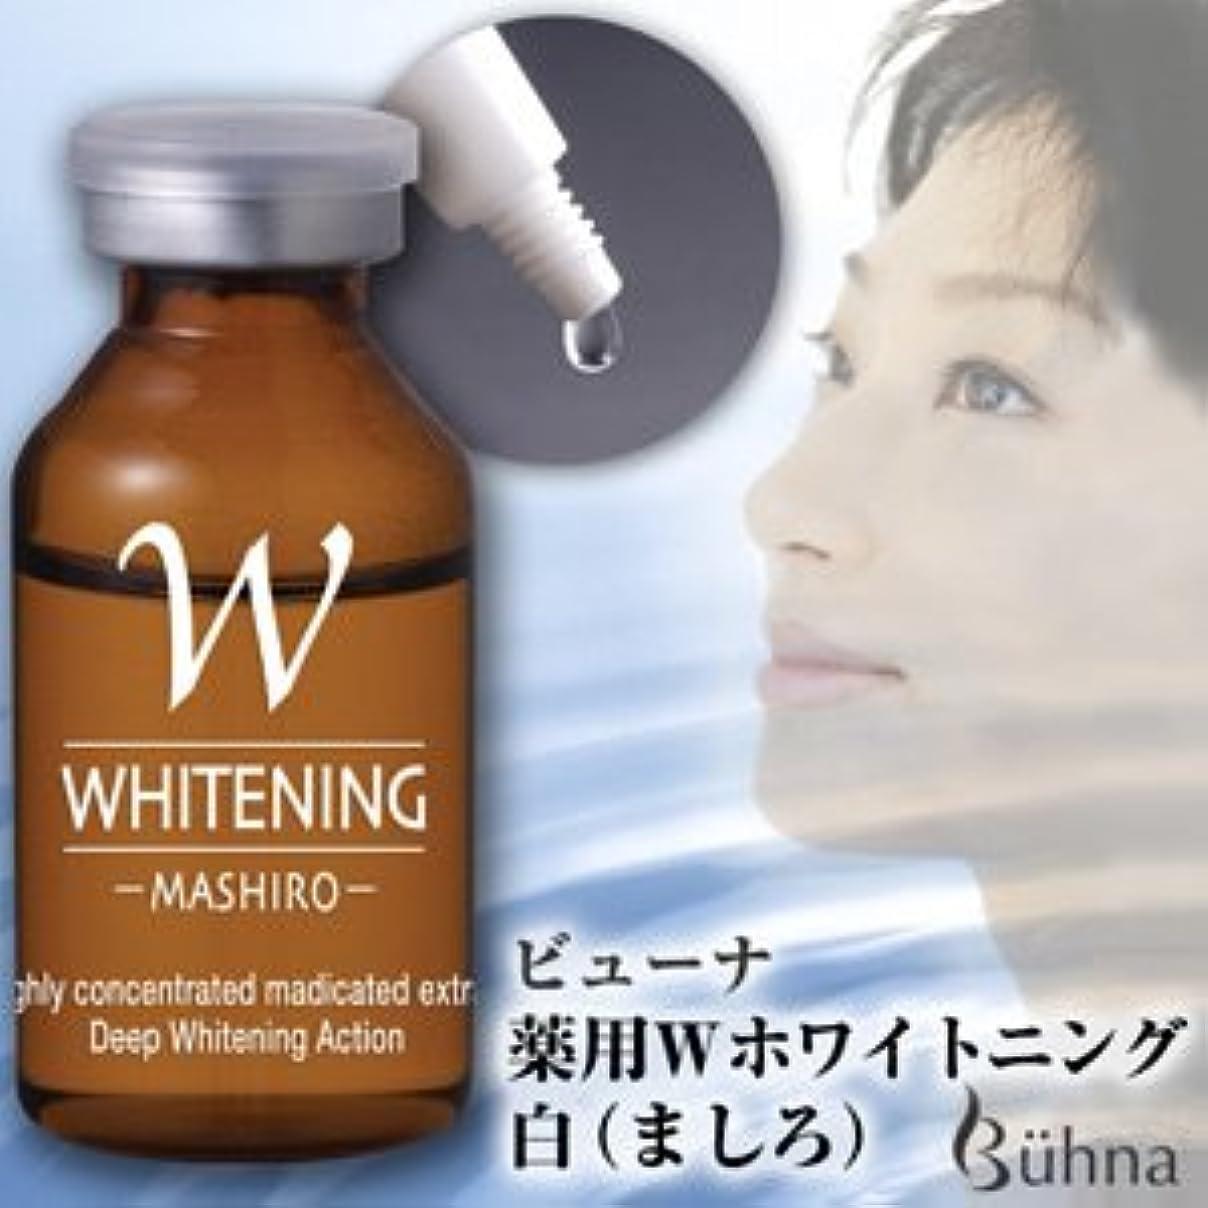 安いです知事圧力超高濃度!W原液がシミを断つ、翌朝の肌で感じる美肌力『薬用ダブルホワイトニング白(ましろ)』